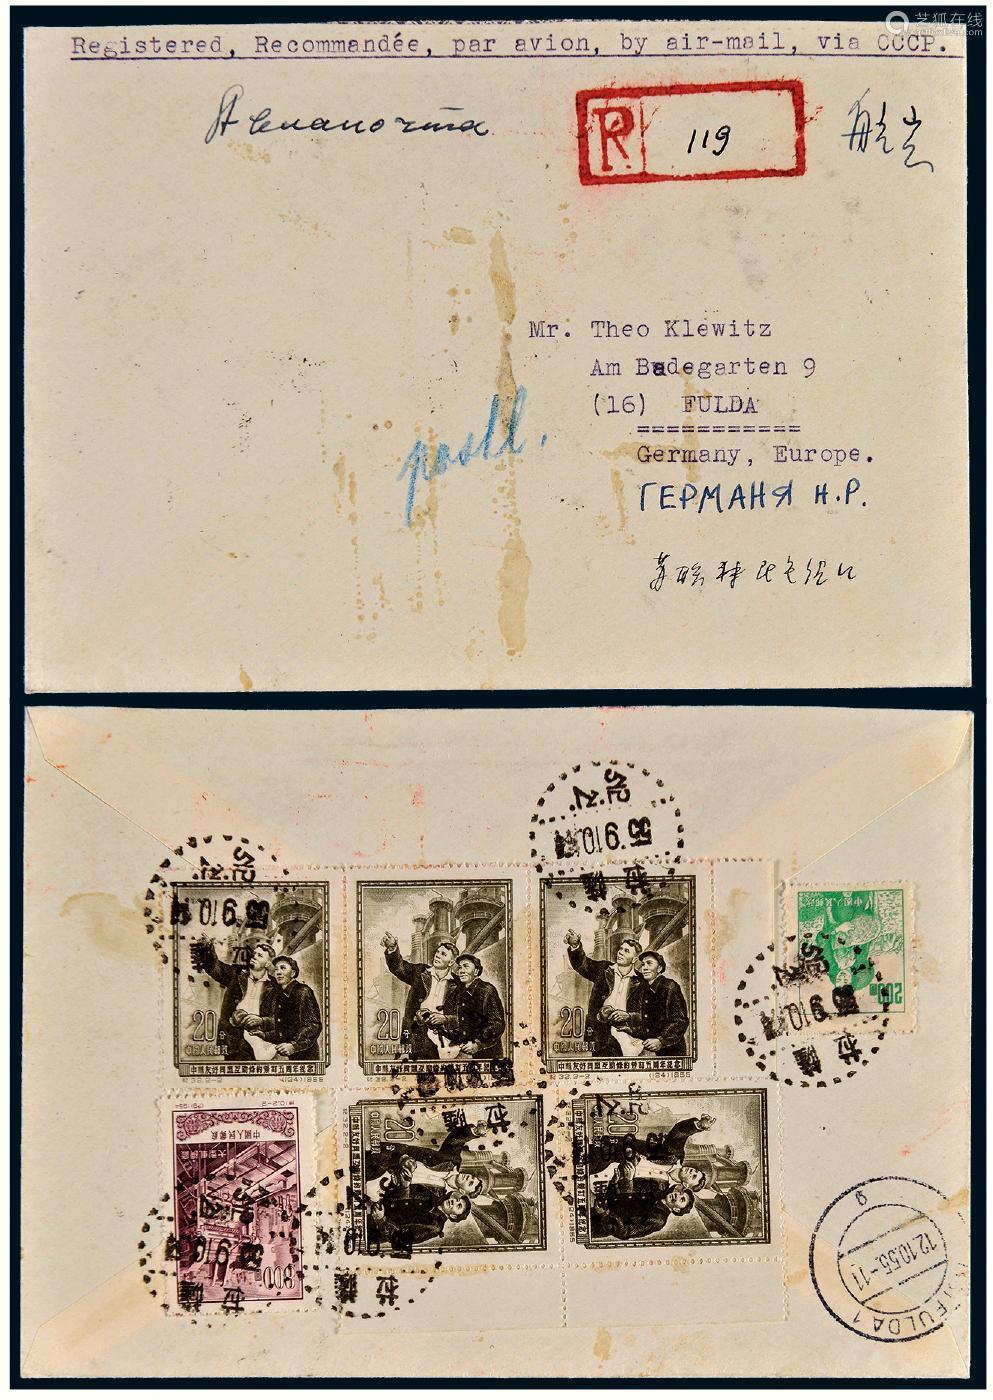 1955年拉萨寄德国新旧币邮票混贴航挂封